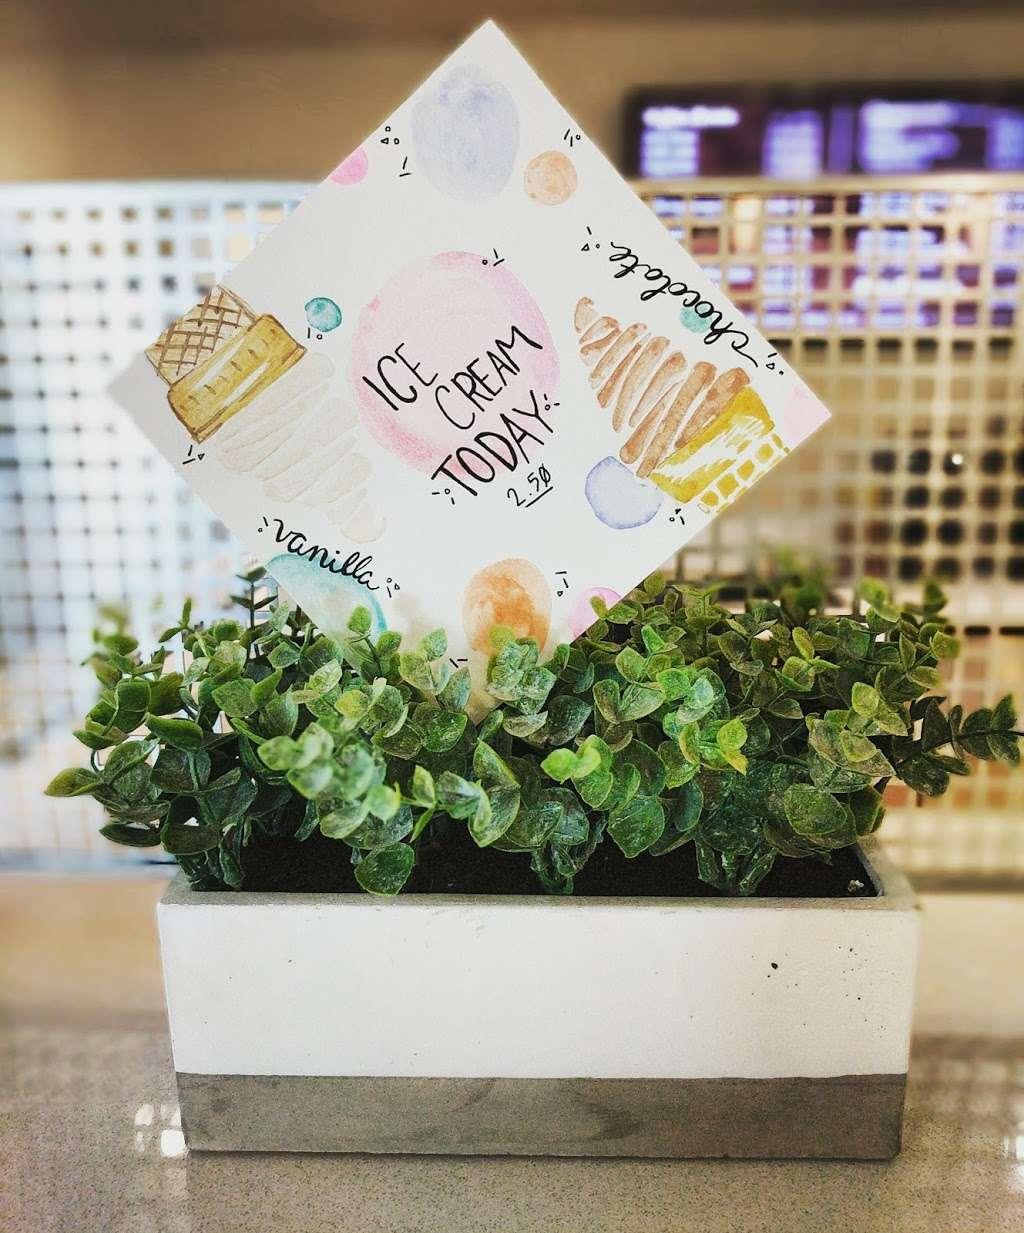 Gateway Cafe - cafe  | Photo 2 of 4 | Address: 3210 E Guasti Rd, Ontario, CA 91761, USA